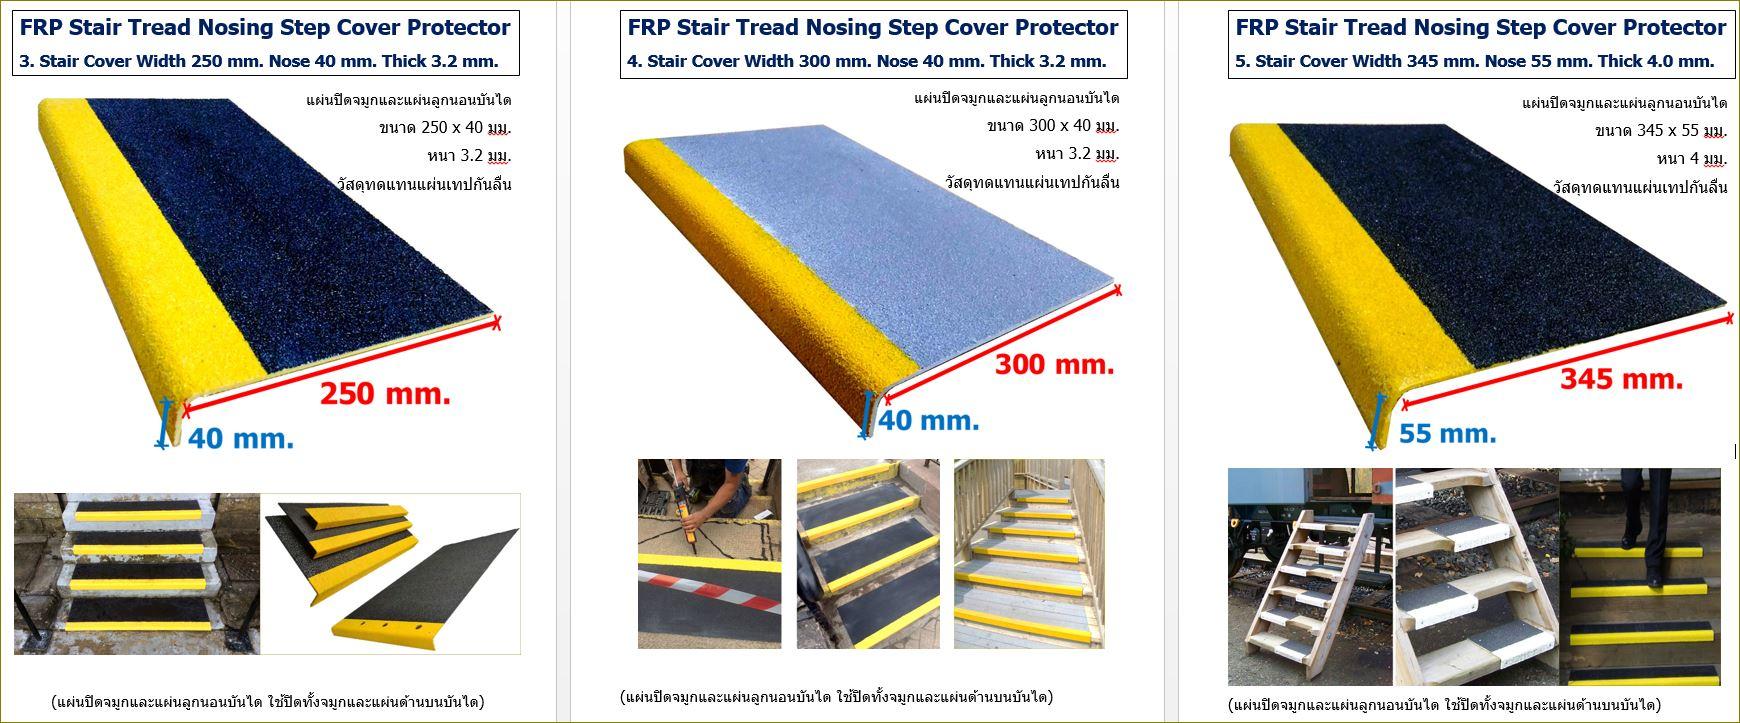 Stair Tread Nosing Anti-Slip Sheeting ทดแทนแผ่นเทปกันลื่นปิดทั้งจมูกและแผ่นด้านบนบันได